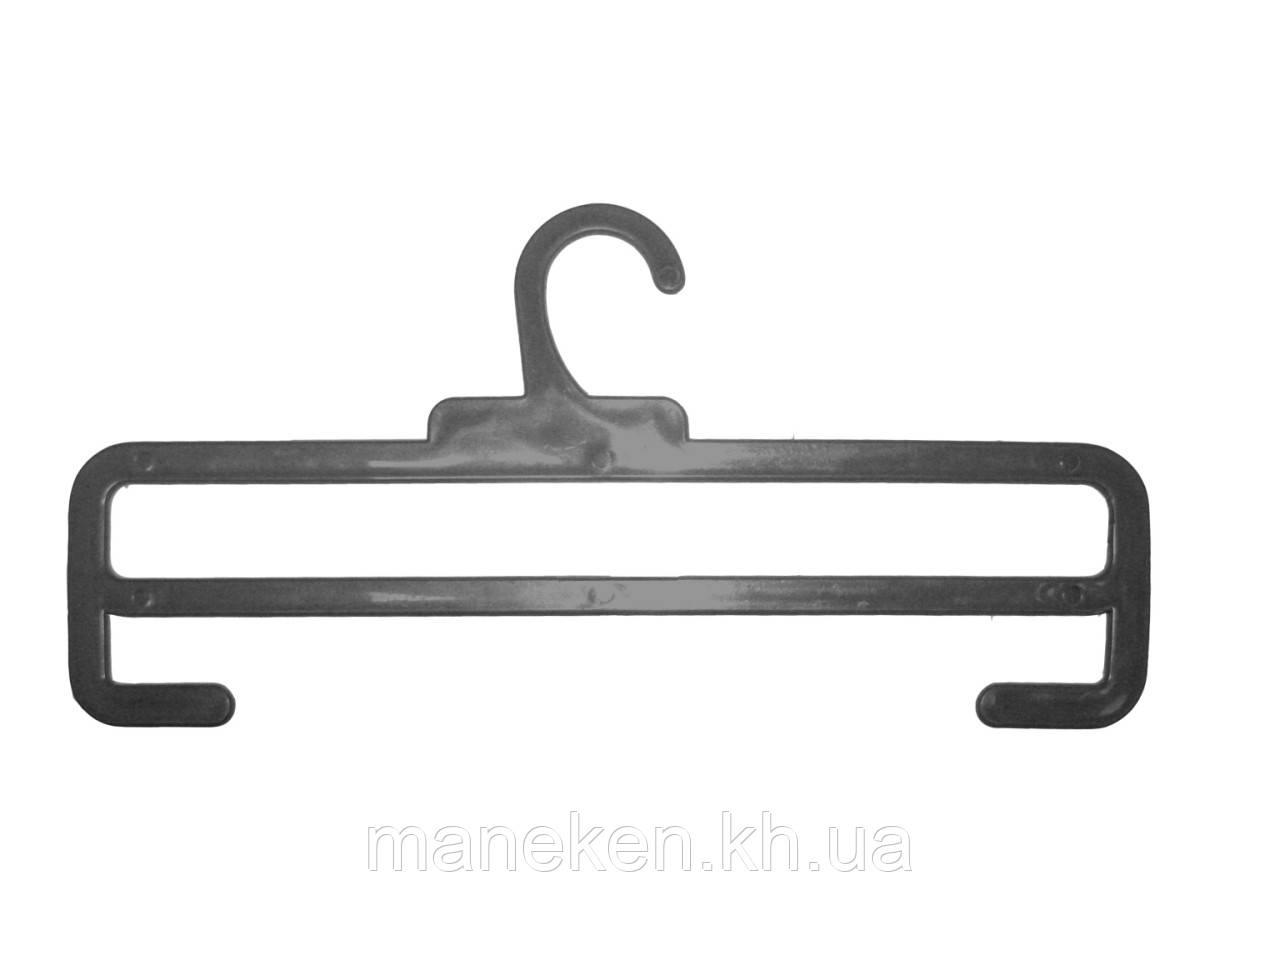 """Вешалка для шарфов TREMVERY """"ТШ-2К (30см)"""" черная S3black"""